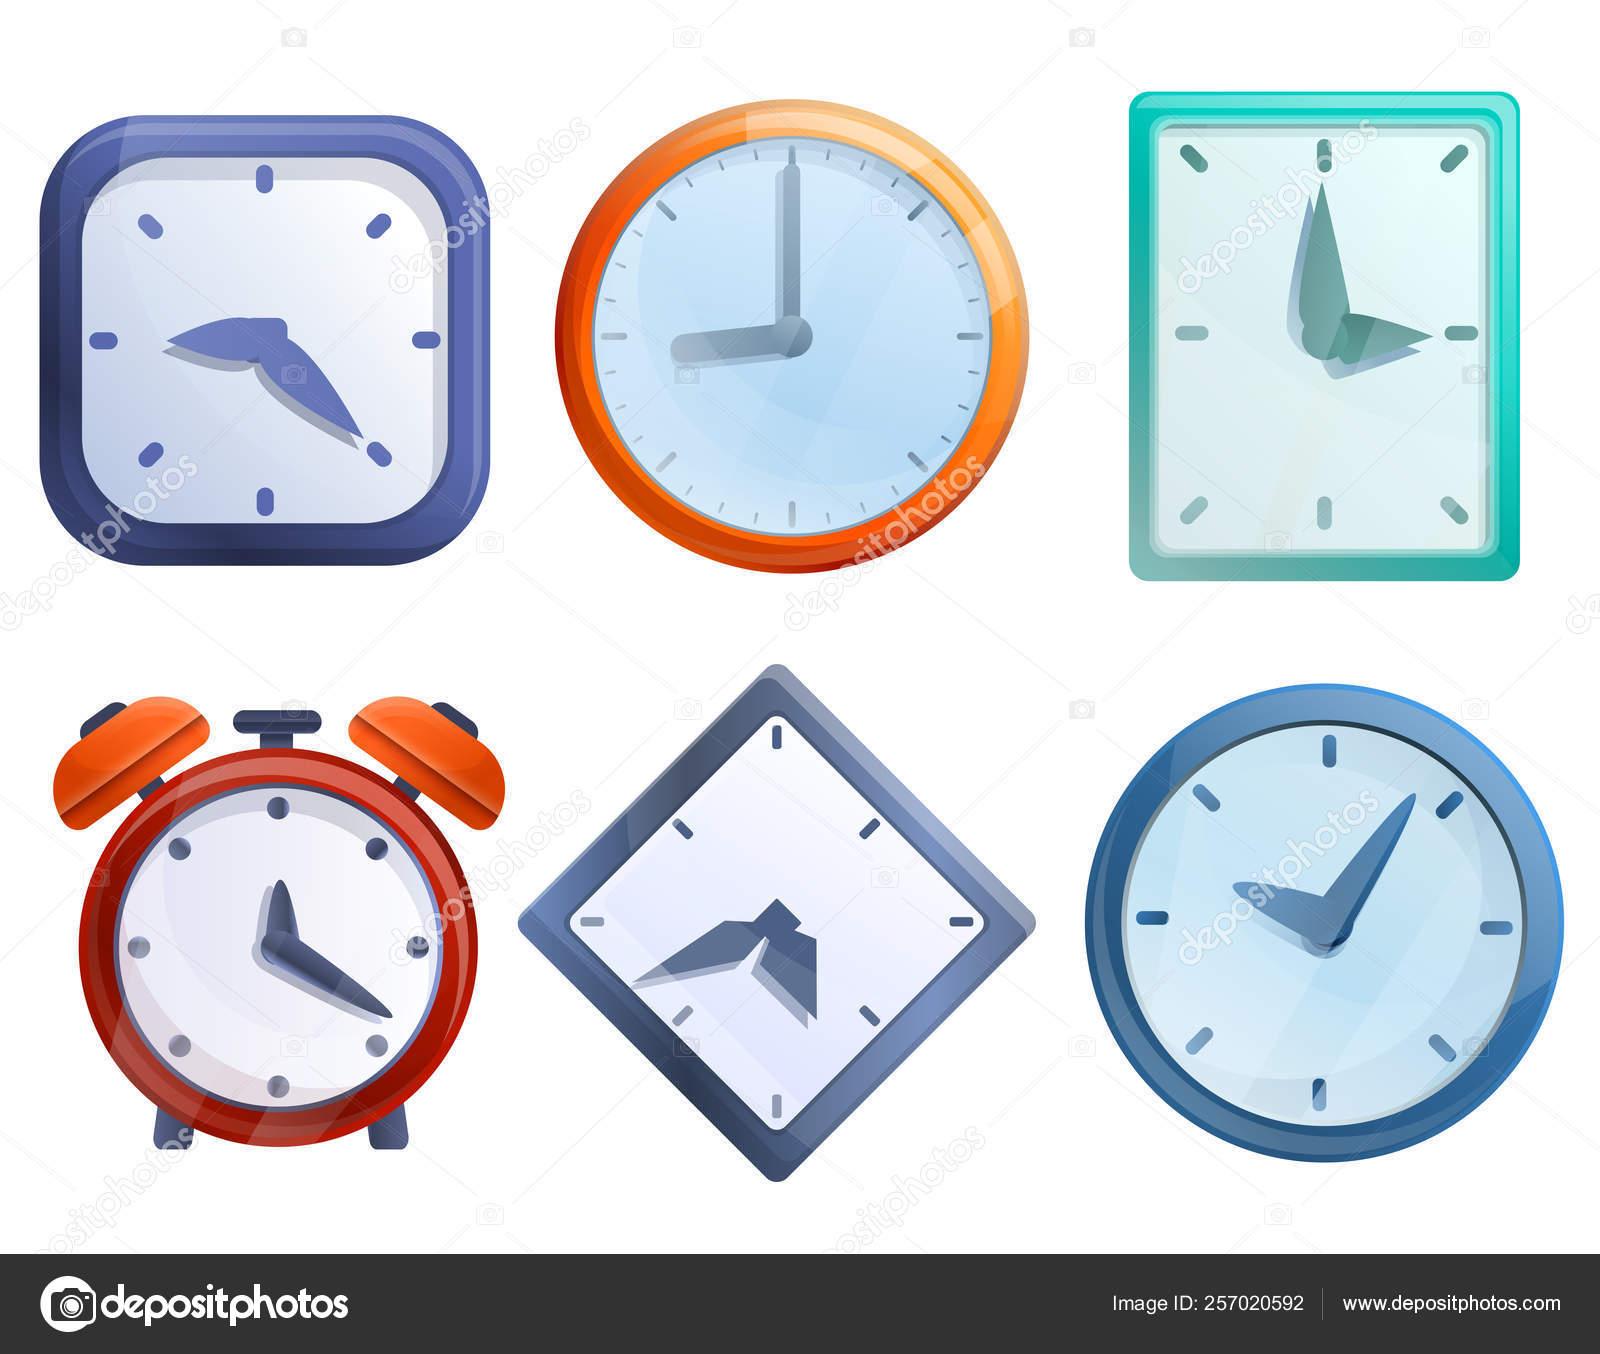 Ensemble D'icônes D'horloge De Dessin Animé, Illustration encequiconcerne Dessin D Horloge